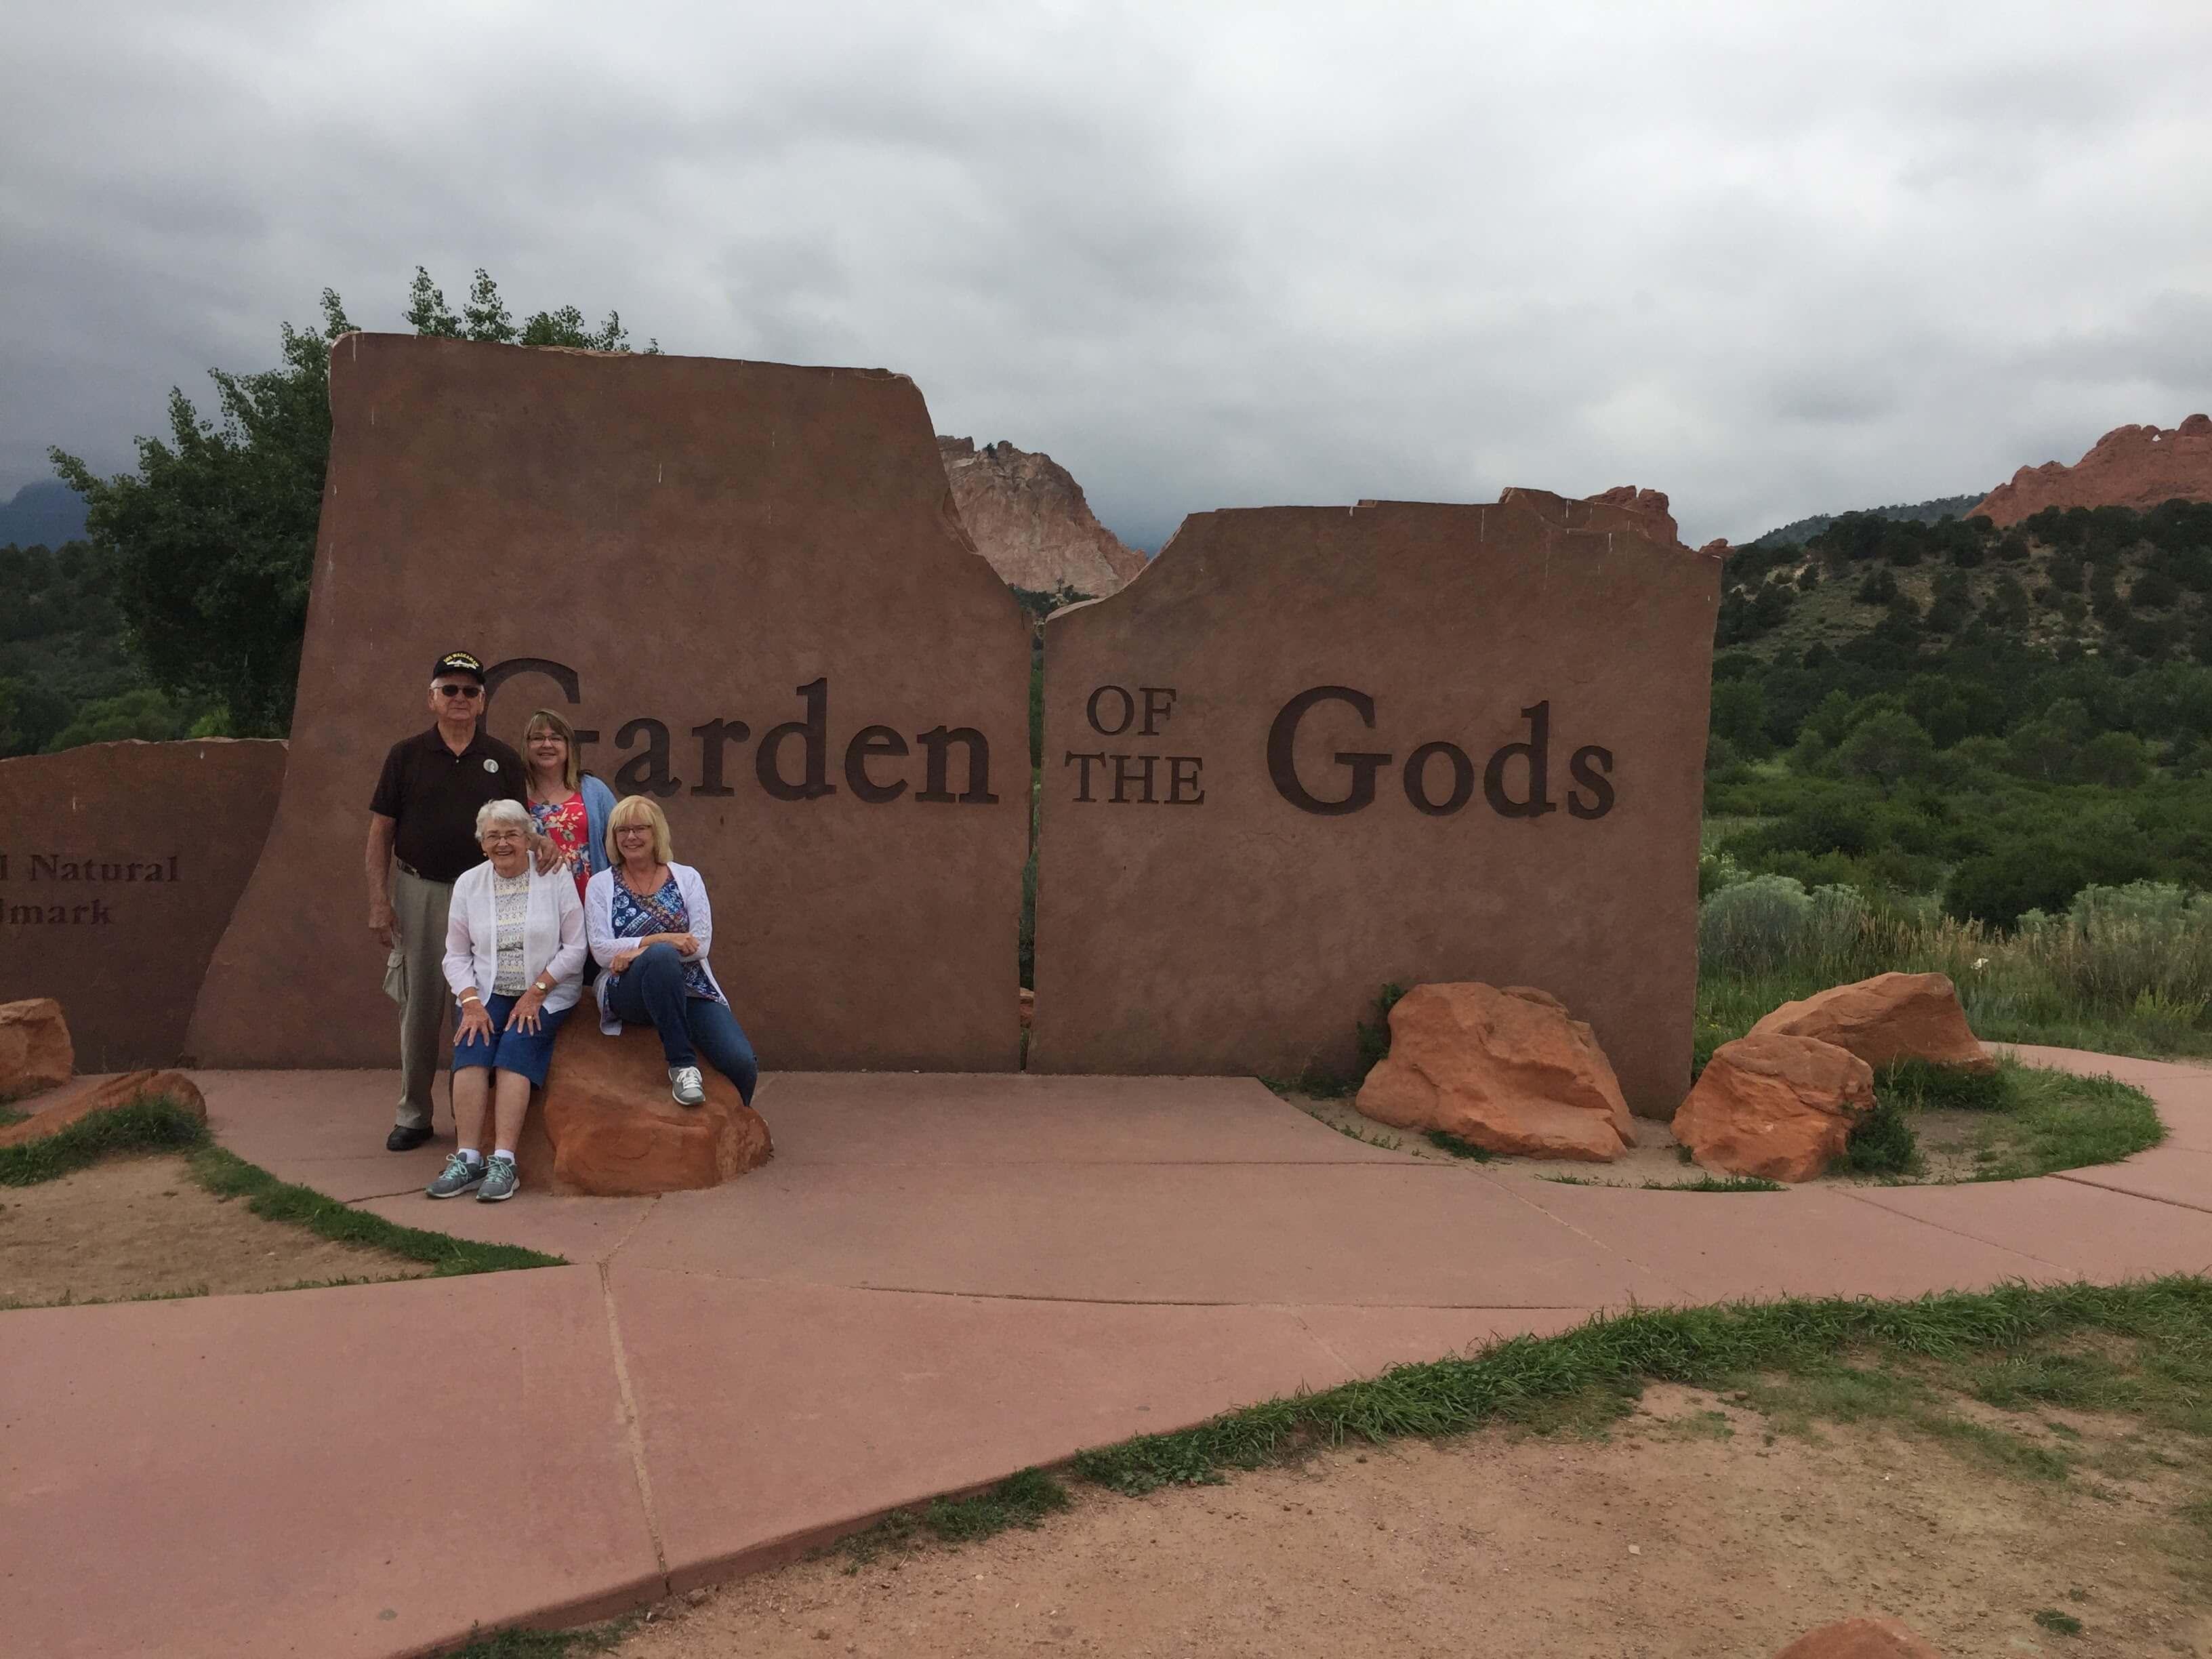 Mom, Dad, Kim, Sue, Garden of the Gods, Colorado, 2017